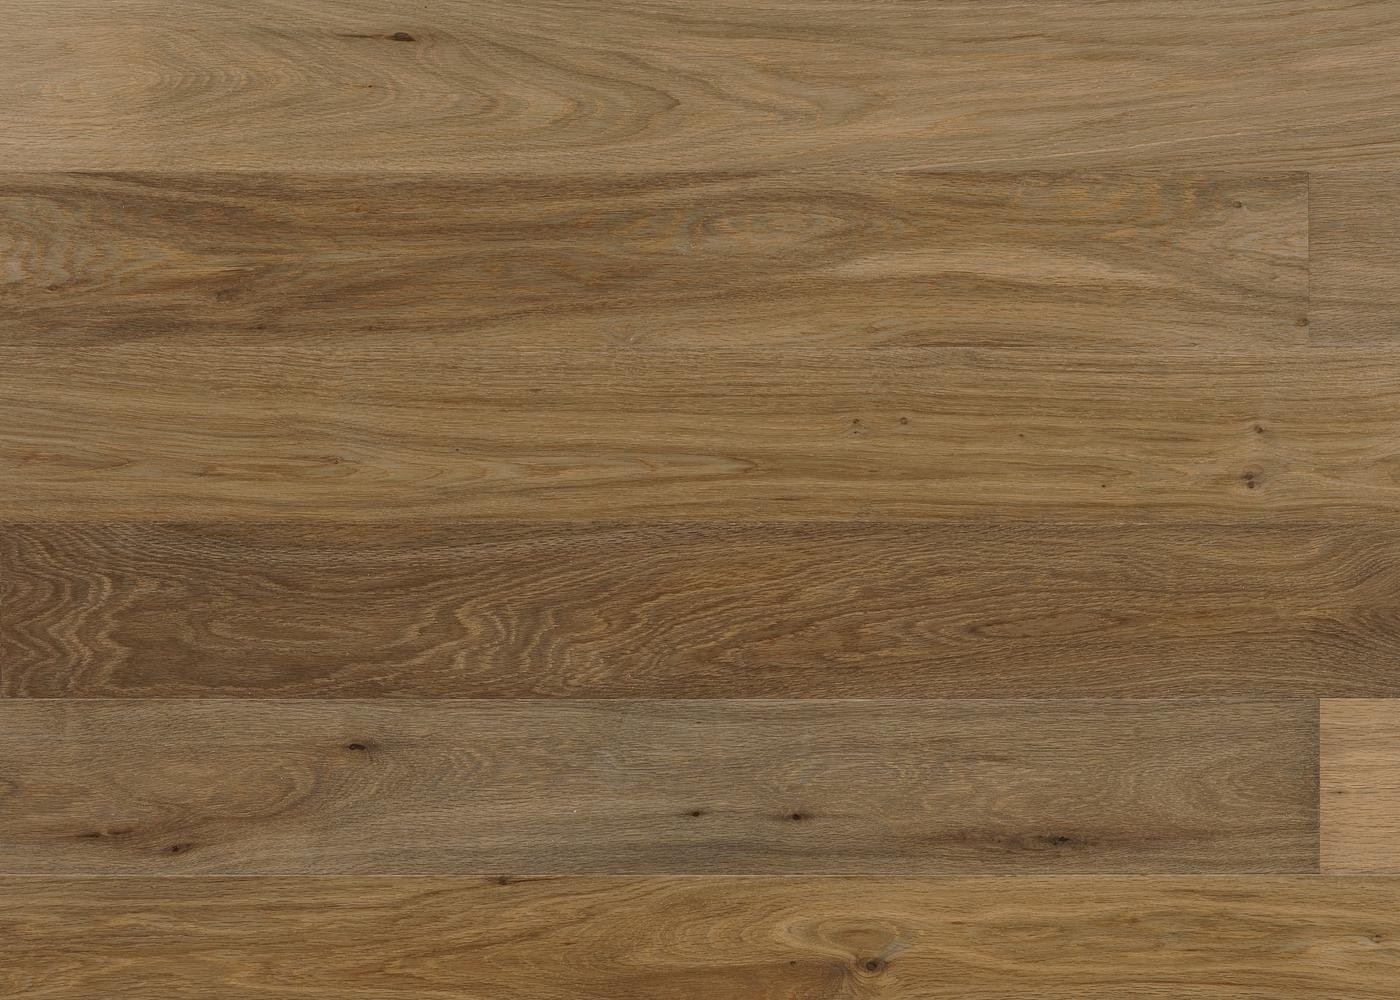 Parquet chêne contrecollé BASALTE huile cire Elégance 14x148x2200